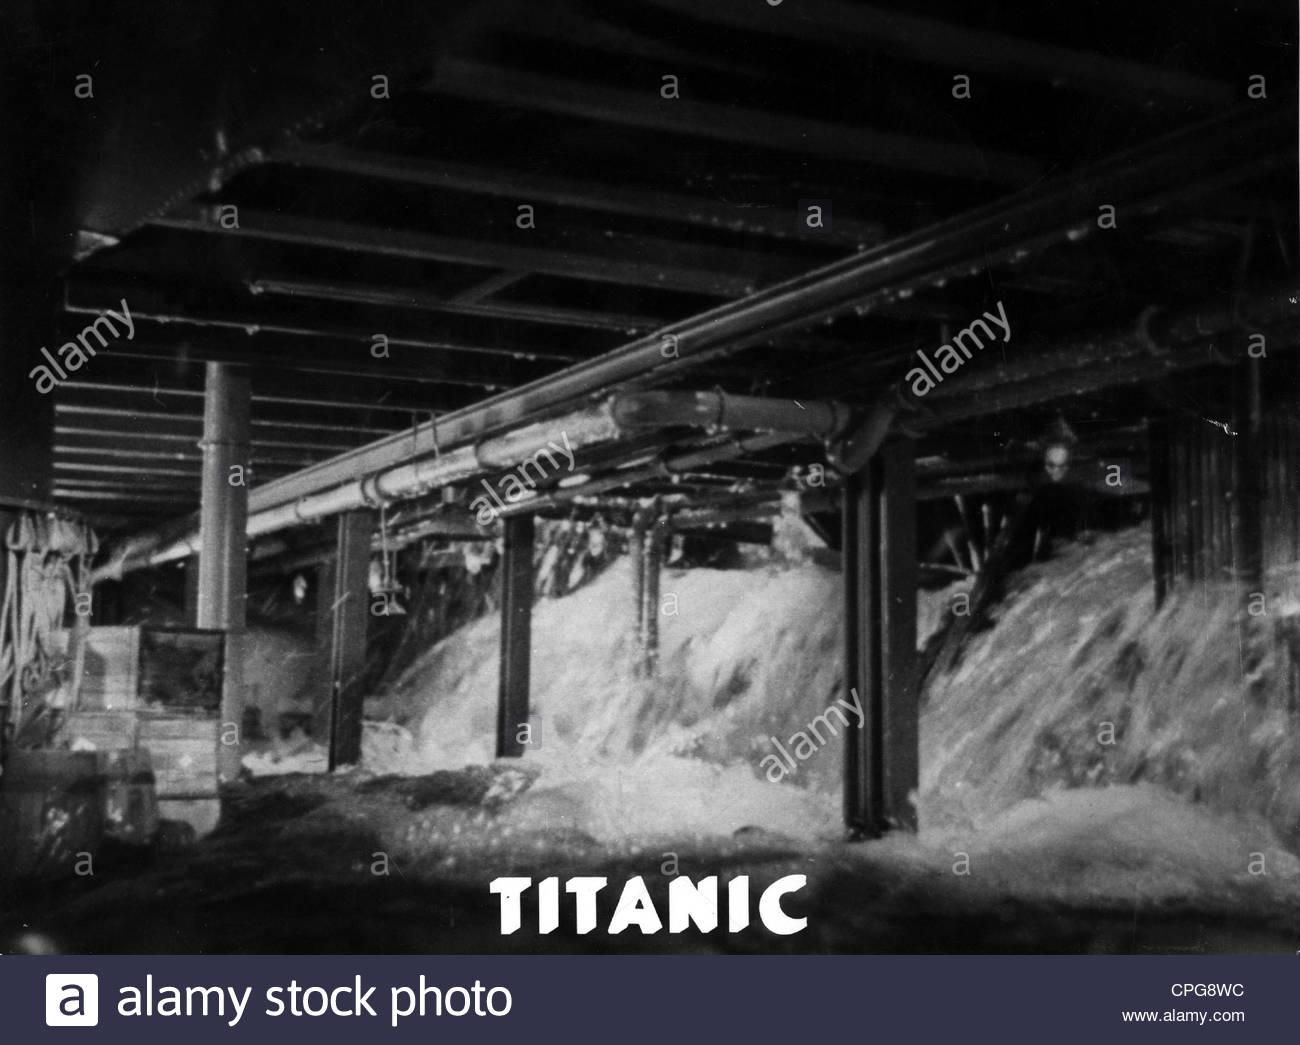 titanic and film Handlung von titanic atlantischer ozean, 1912: auf der jungfernfahrt der titanic trifft der mittellose maler jack dawson (leonardo dicaprio) auf die schöne, aber unglückliche erste-klasse-passagierin rose dewitt bukater (kate winslet.